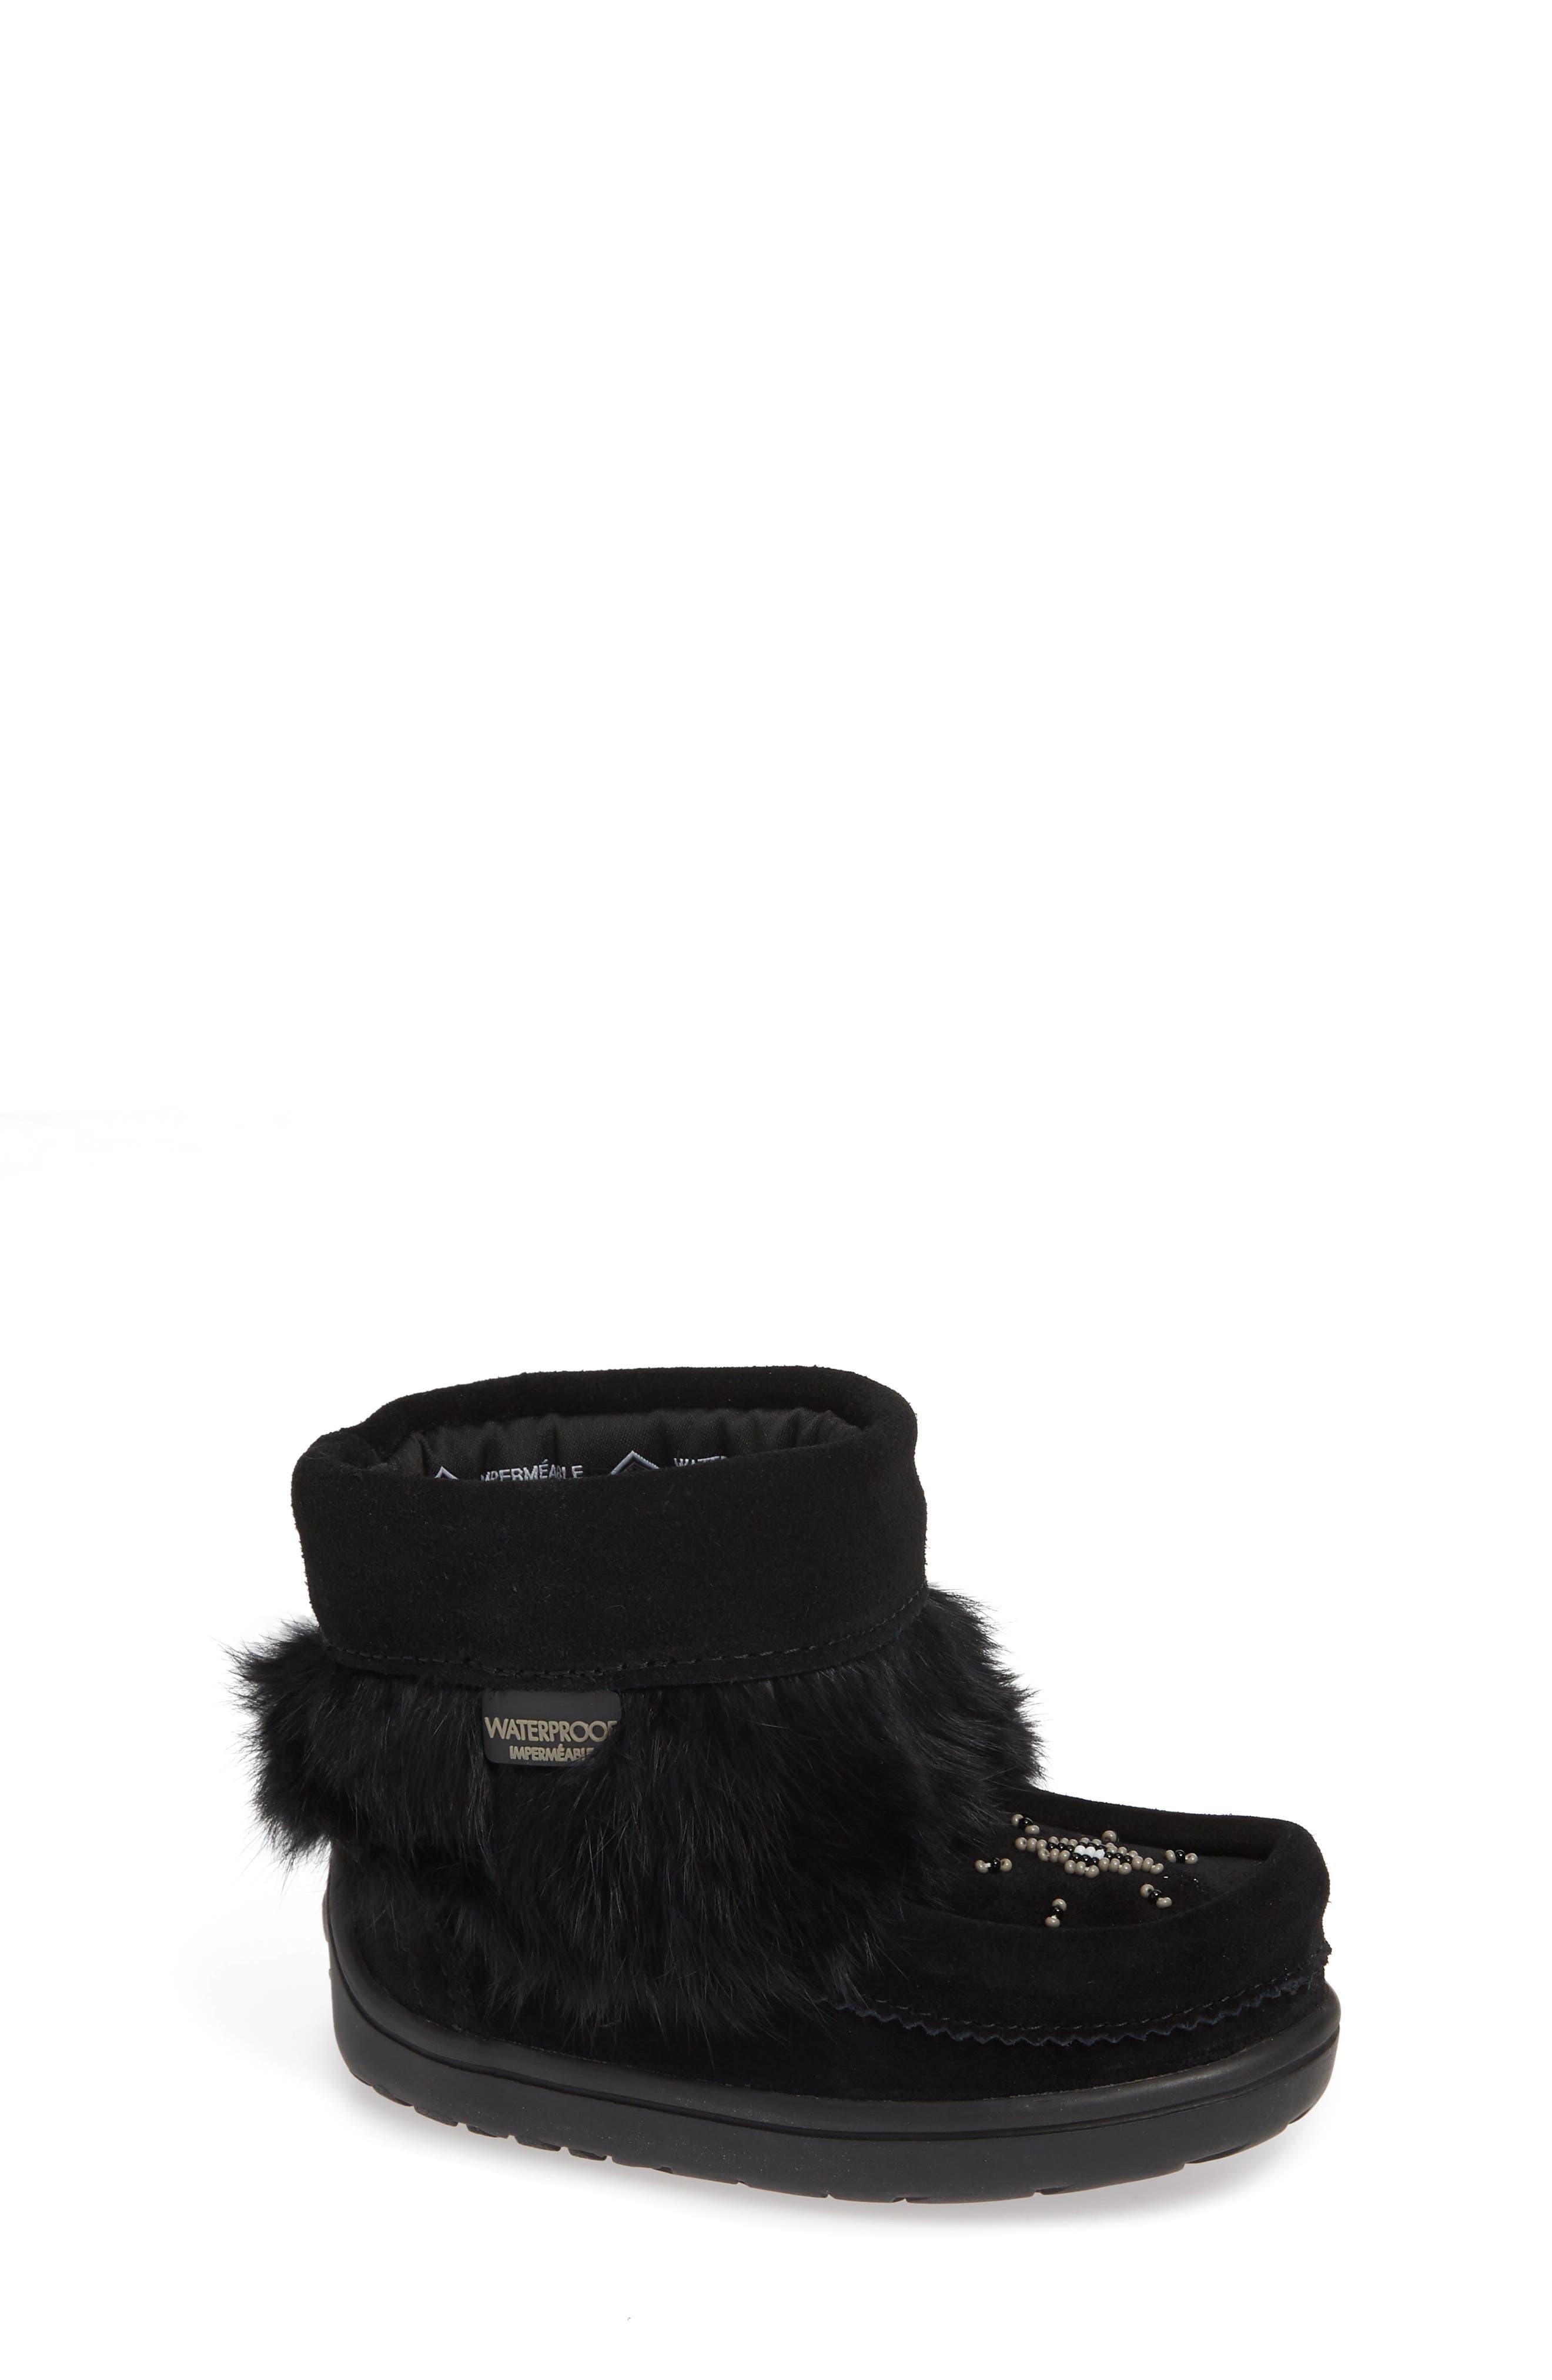 Snowy Owlet Genuine Fur Waterproof Boot, Main, color, BLACK